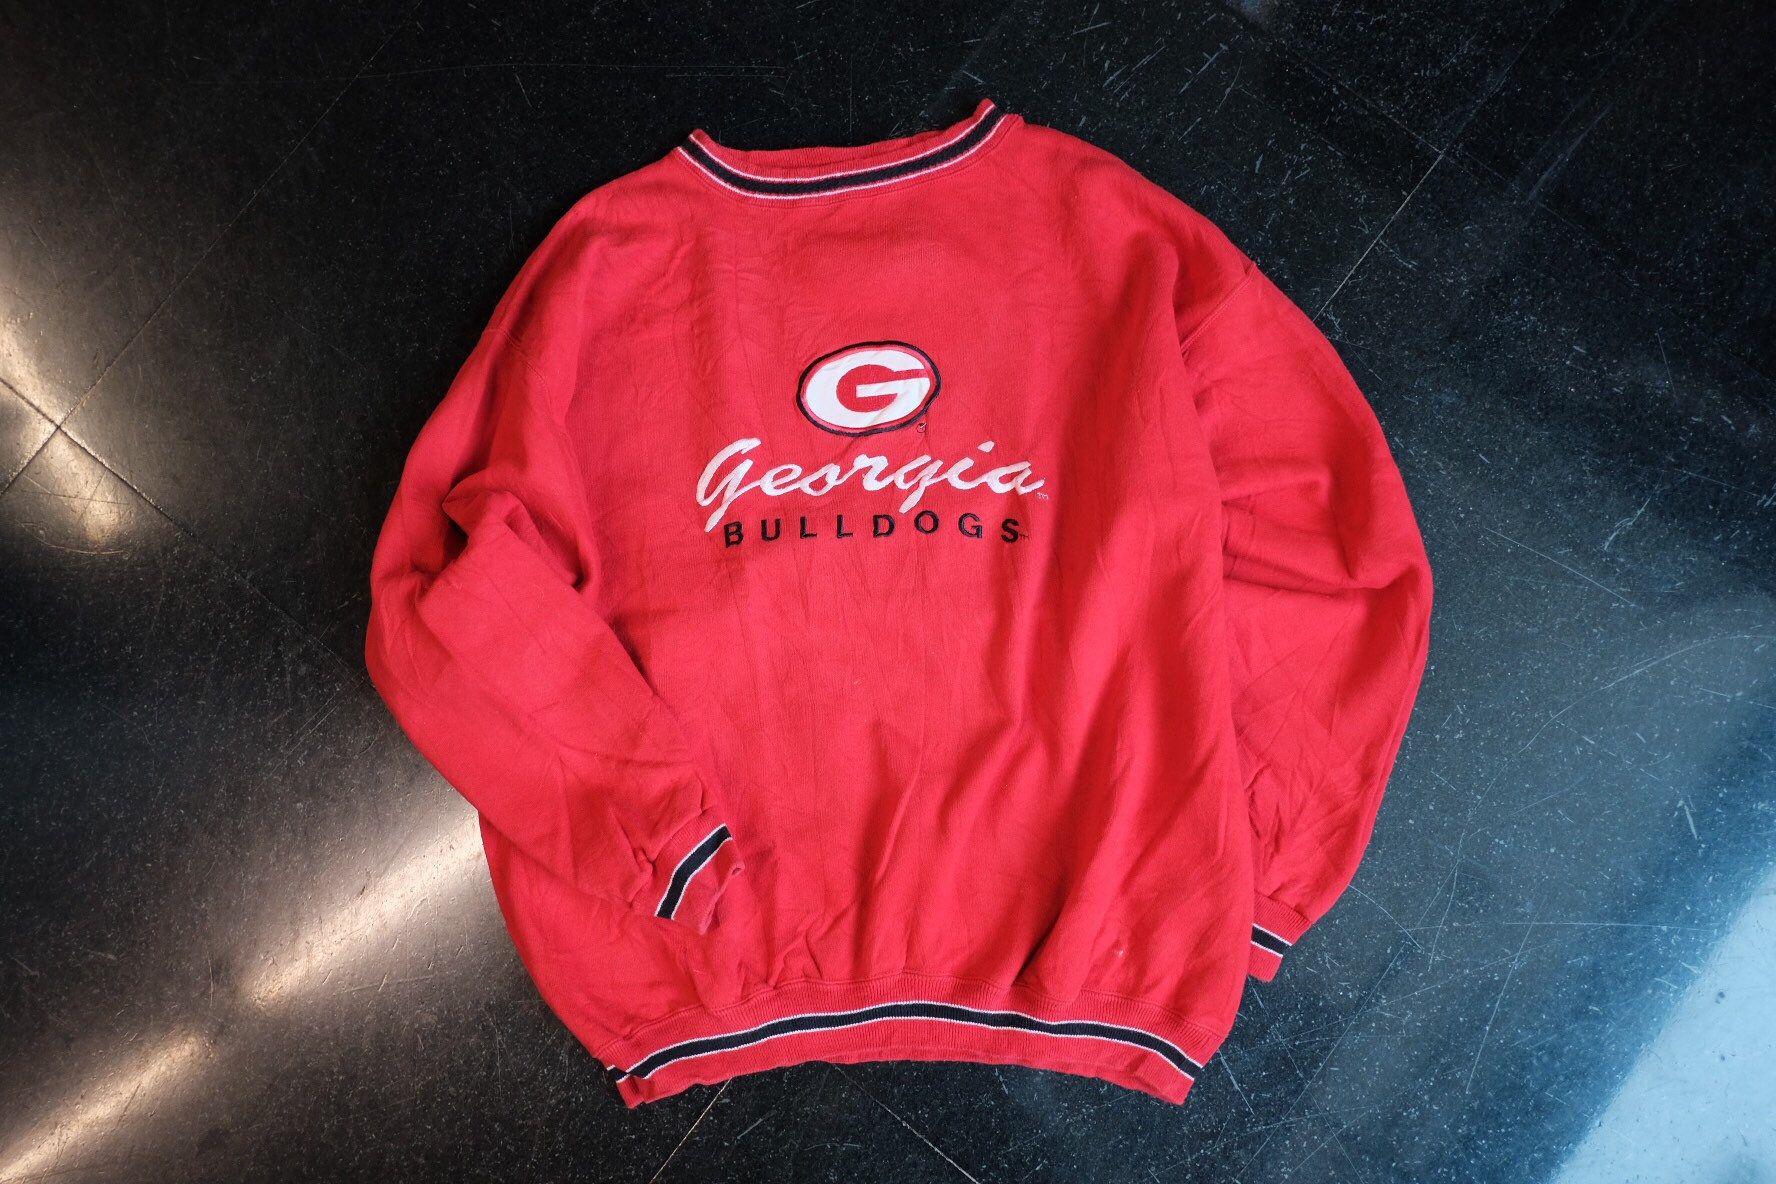 Georgia Bulldogs Sweatshirt Embroiled Sportswear Size Xl Etsy Sweatshirts Bulldog Sweatshirt Georgia Bulldogs [ 1184 x 1776 Pixel ]